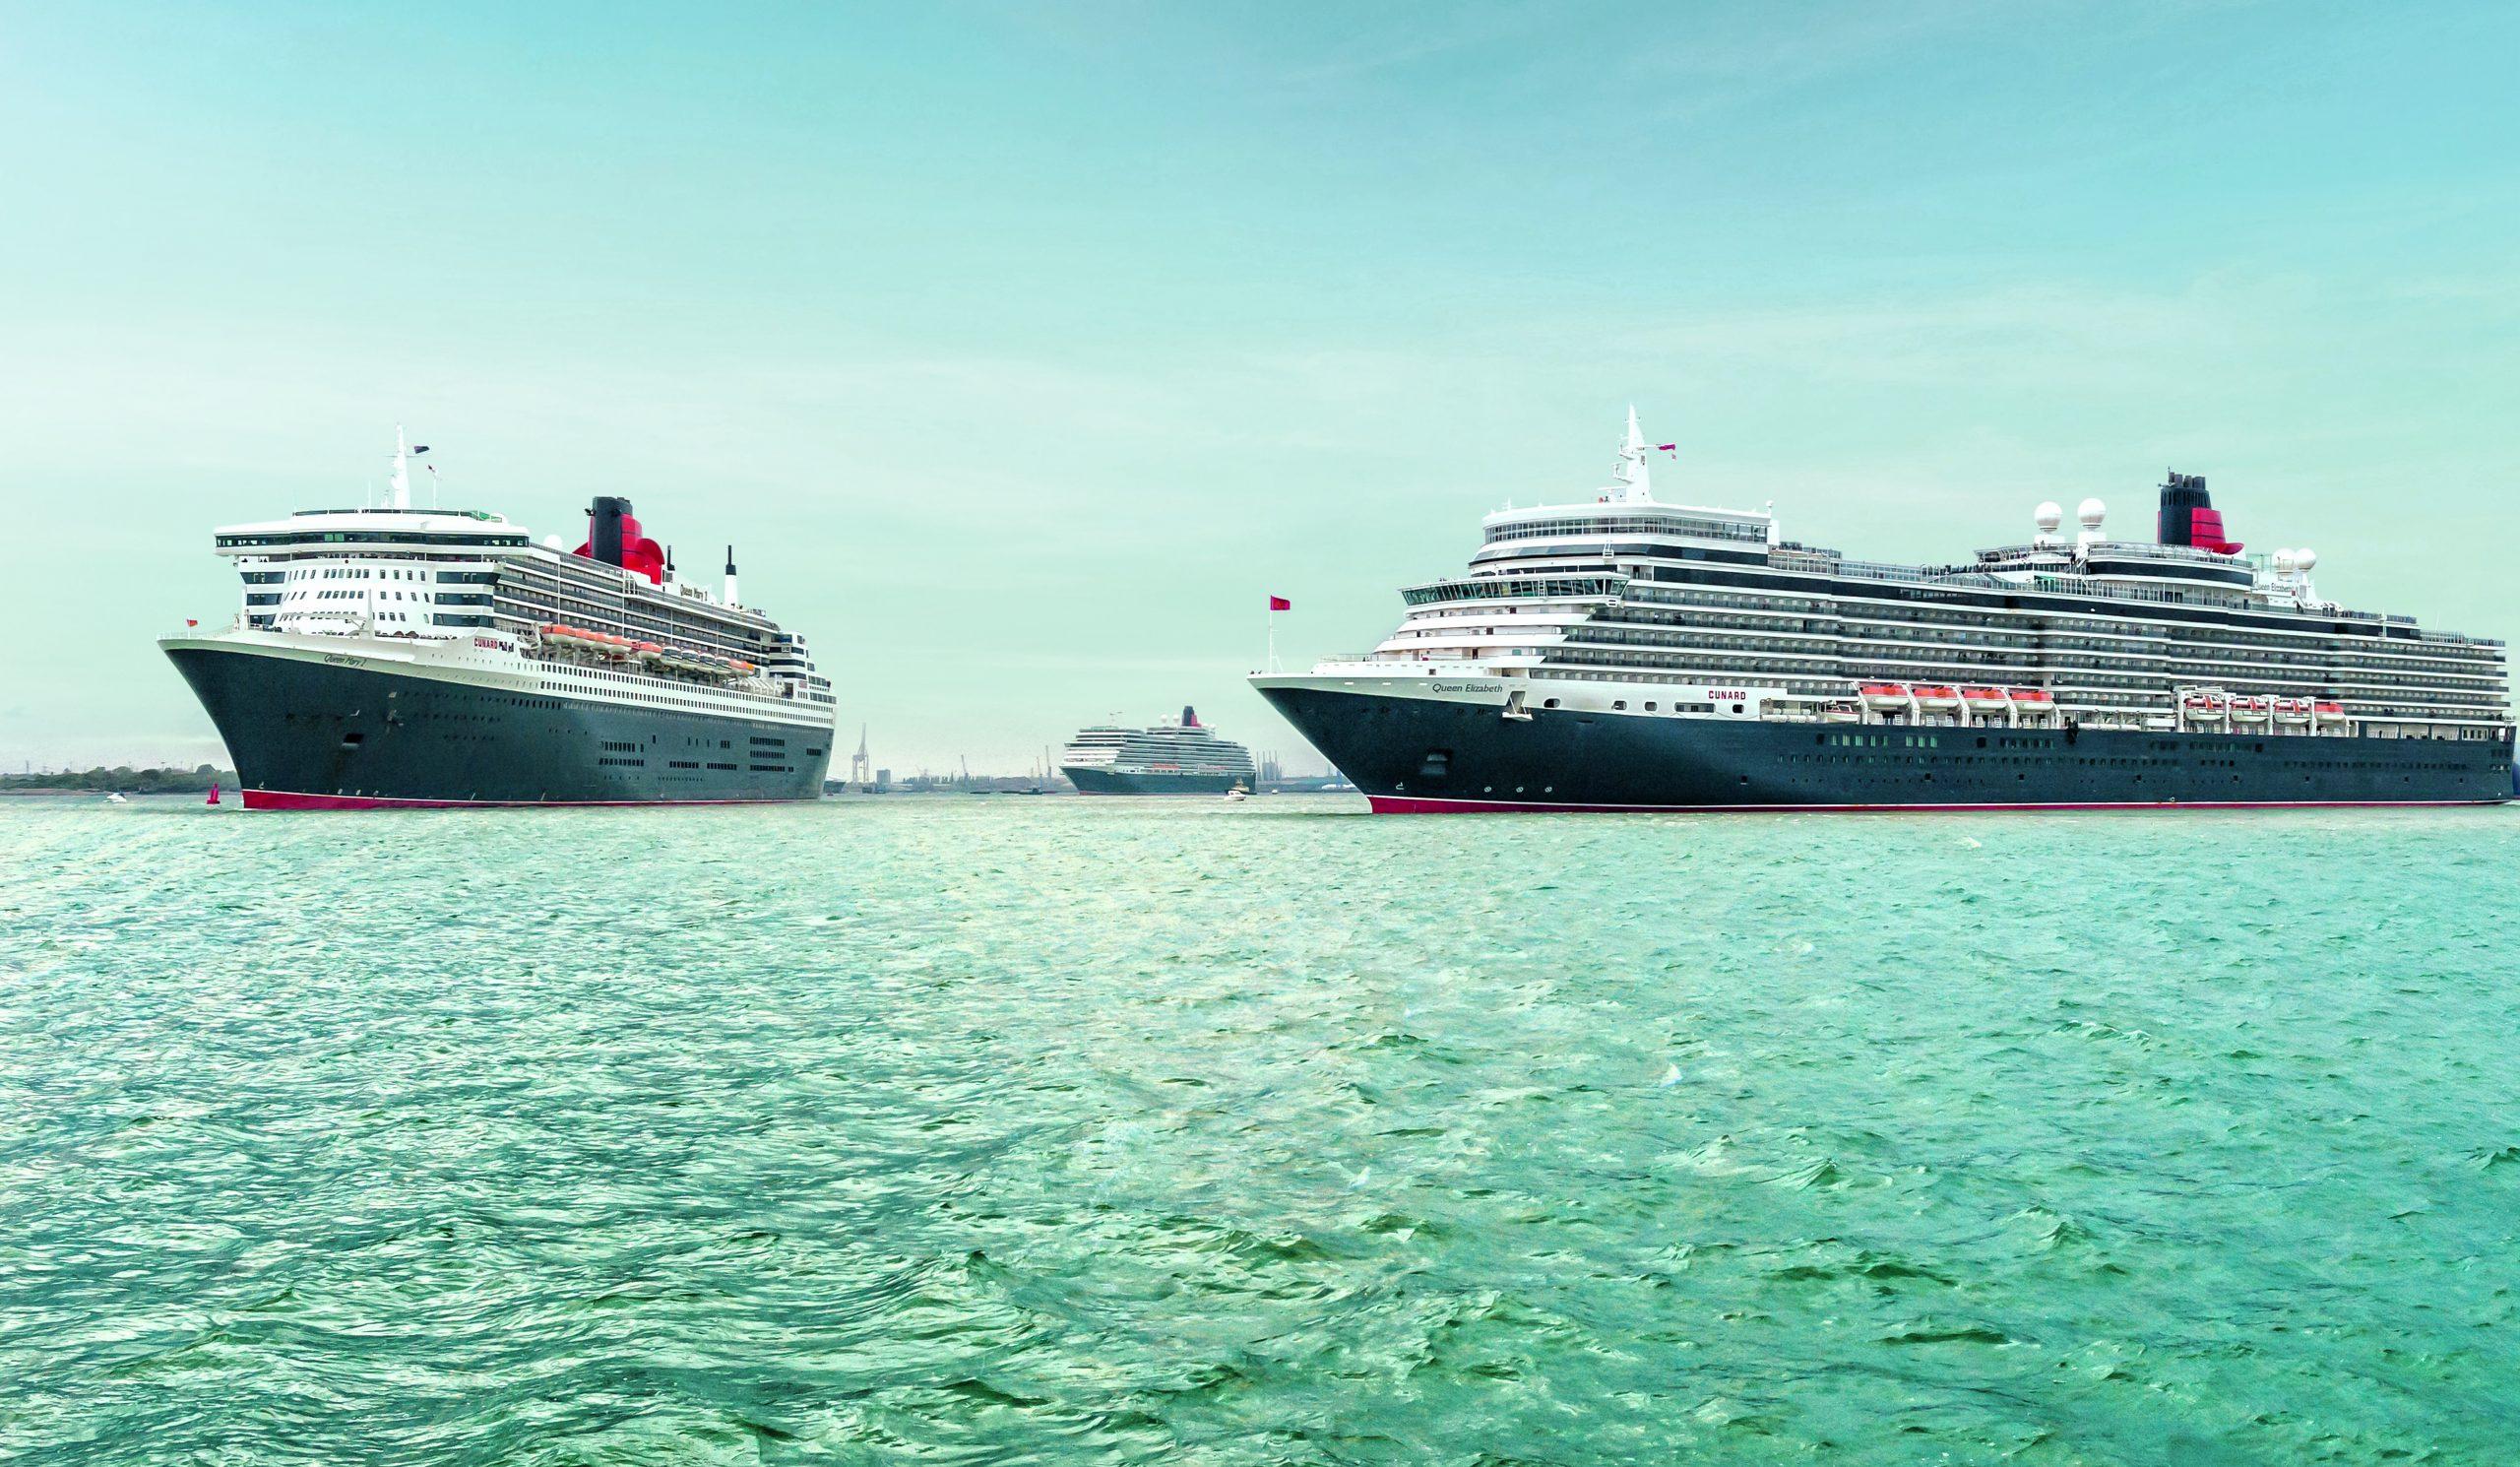 Die britische Traditionsreederei Cunard Line hat über einen Zeitraum von vier Wochen dringend benötigte Lebensmittel für wohltätige Zwecke gespendet.